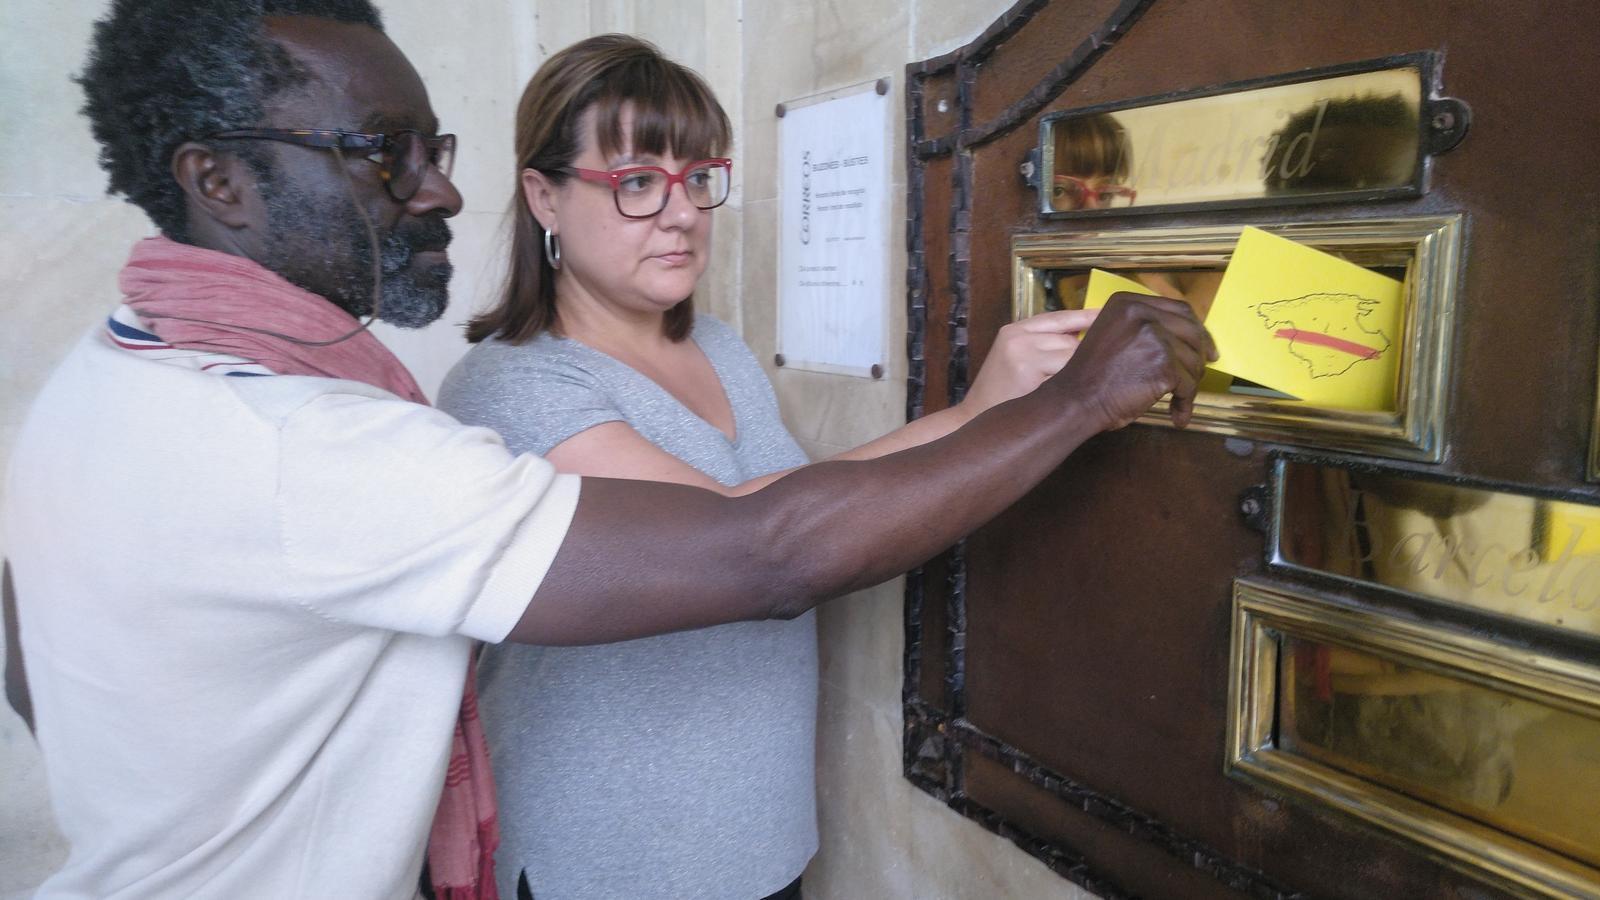 Balboa i Busquets envien postals de suport i solidaritat als presos polítics